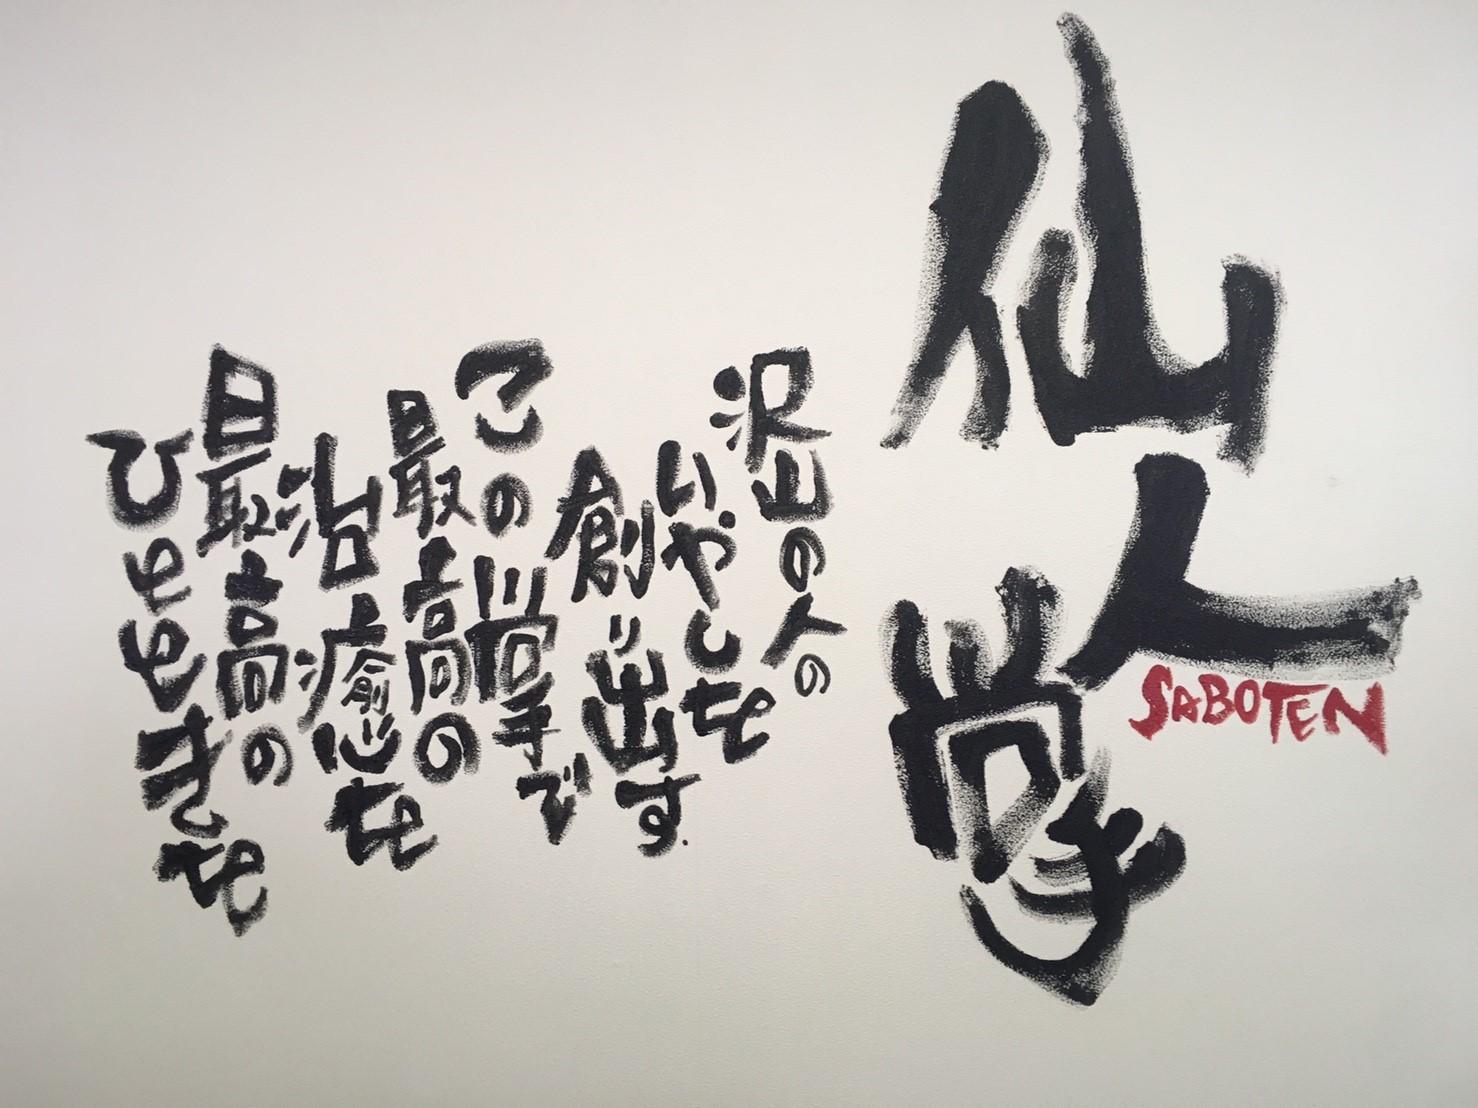 サボテン接骨院 壁書き2